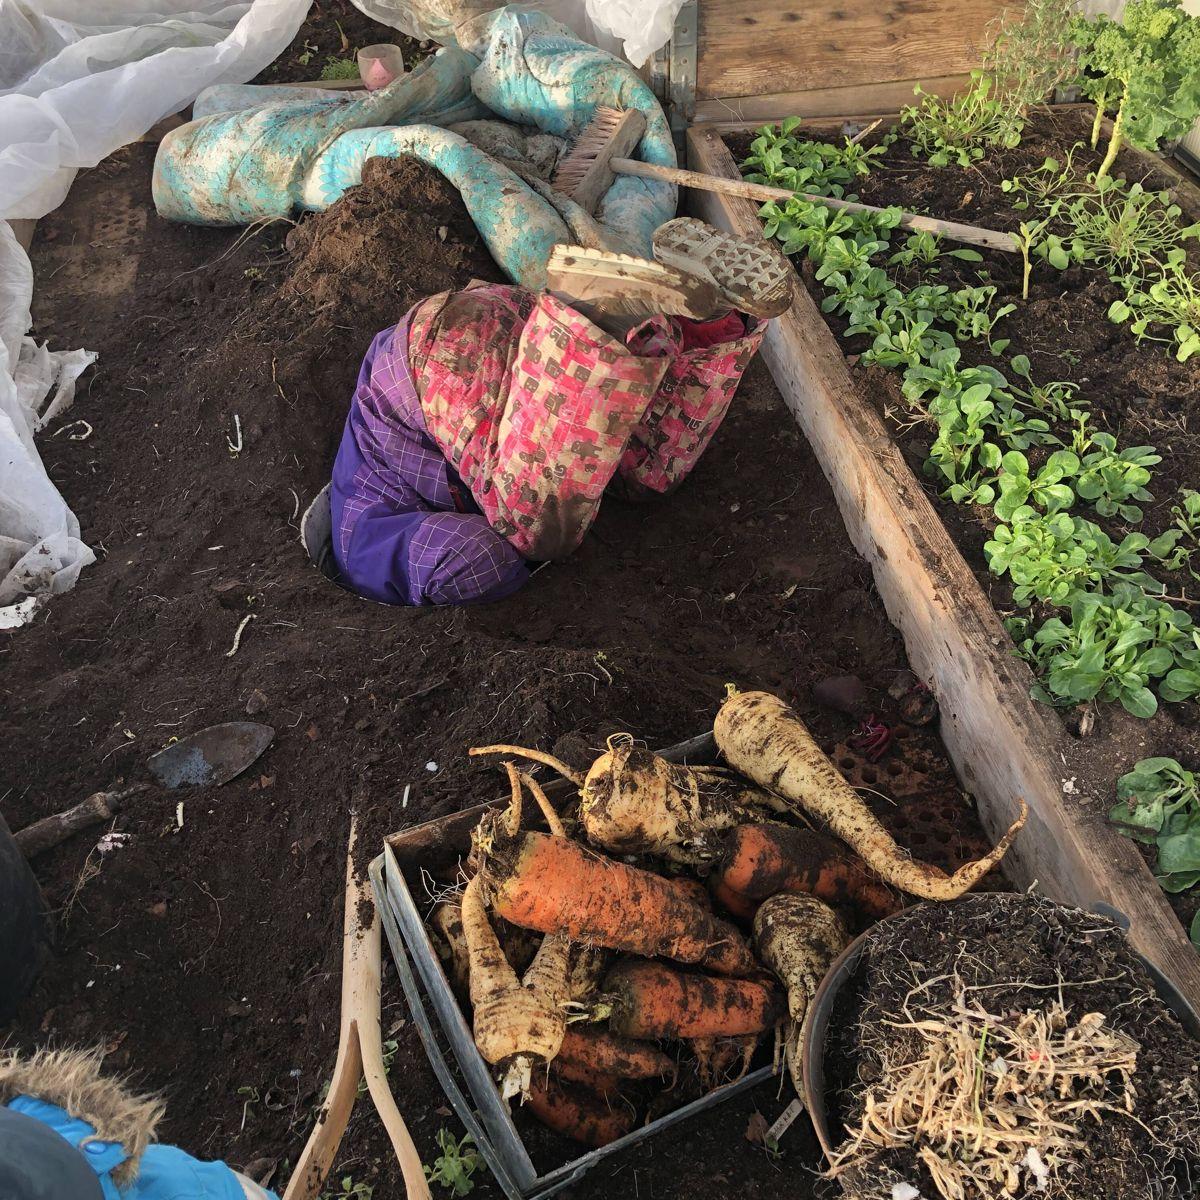 GØY I HAGEN: Barna stortrives i kjøkkenhagen, og her er det en nysgjerrig femåring som sjekker om det er flere rotgrønnsaker igjen i den nedgravde tønna i drivhuset som brukes til vinterlagring.